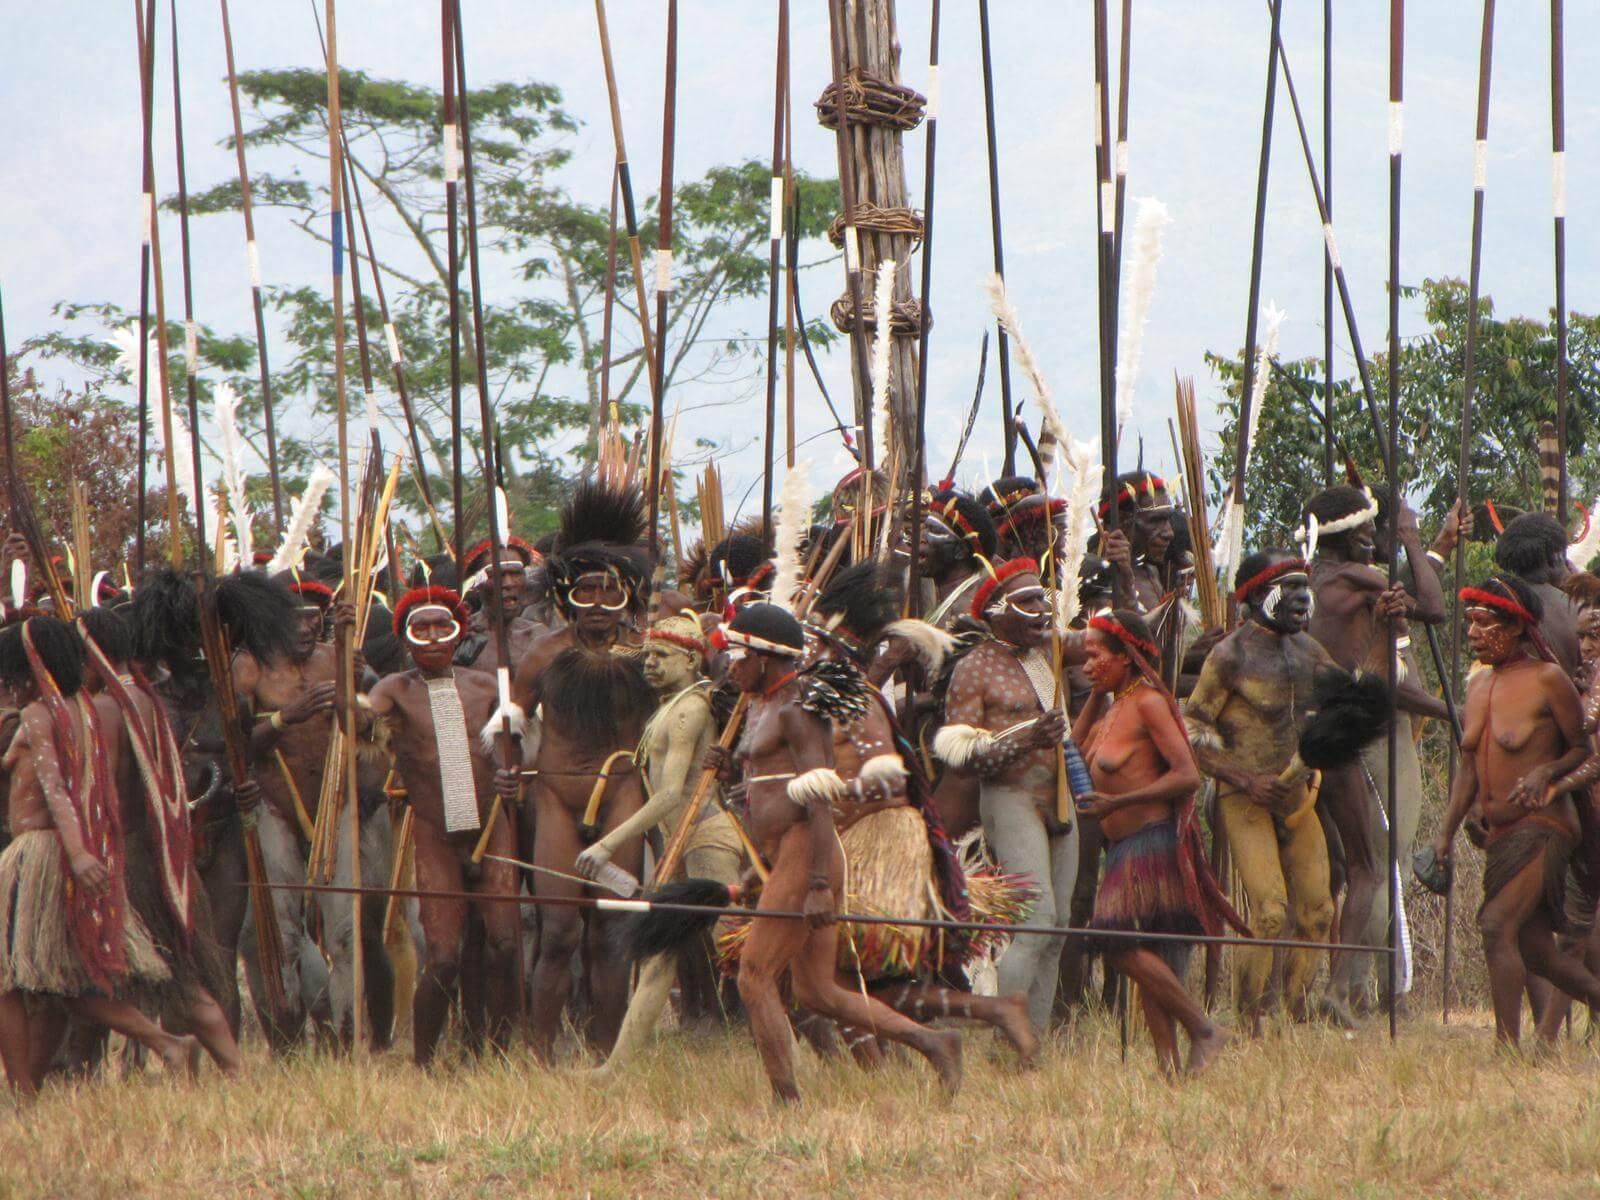 Festival vallée de Baliem en Papouasie occidentale